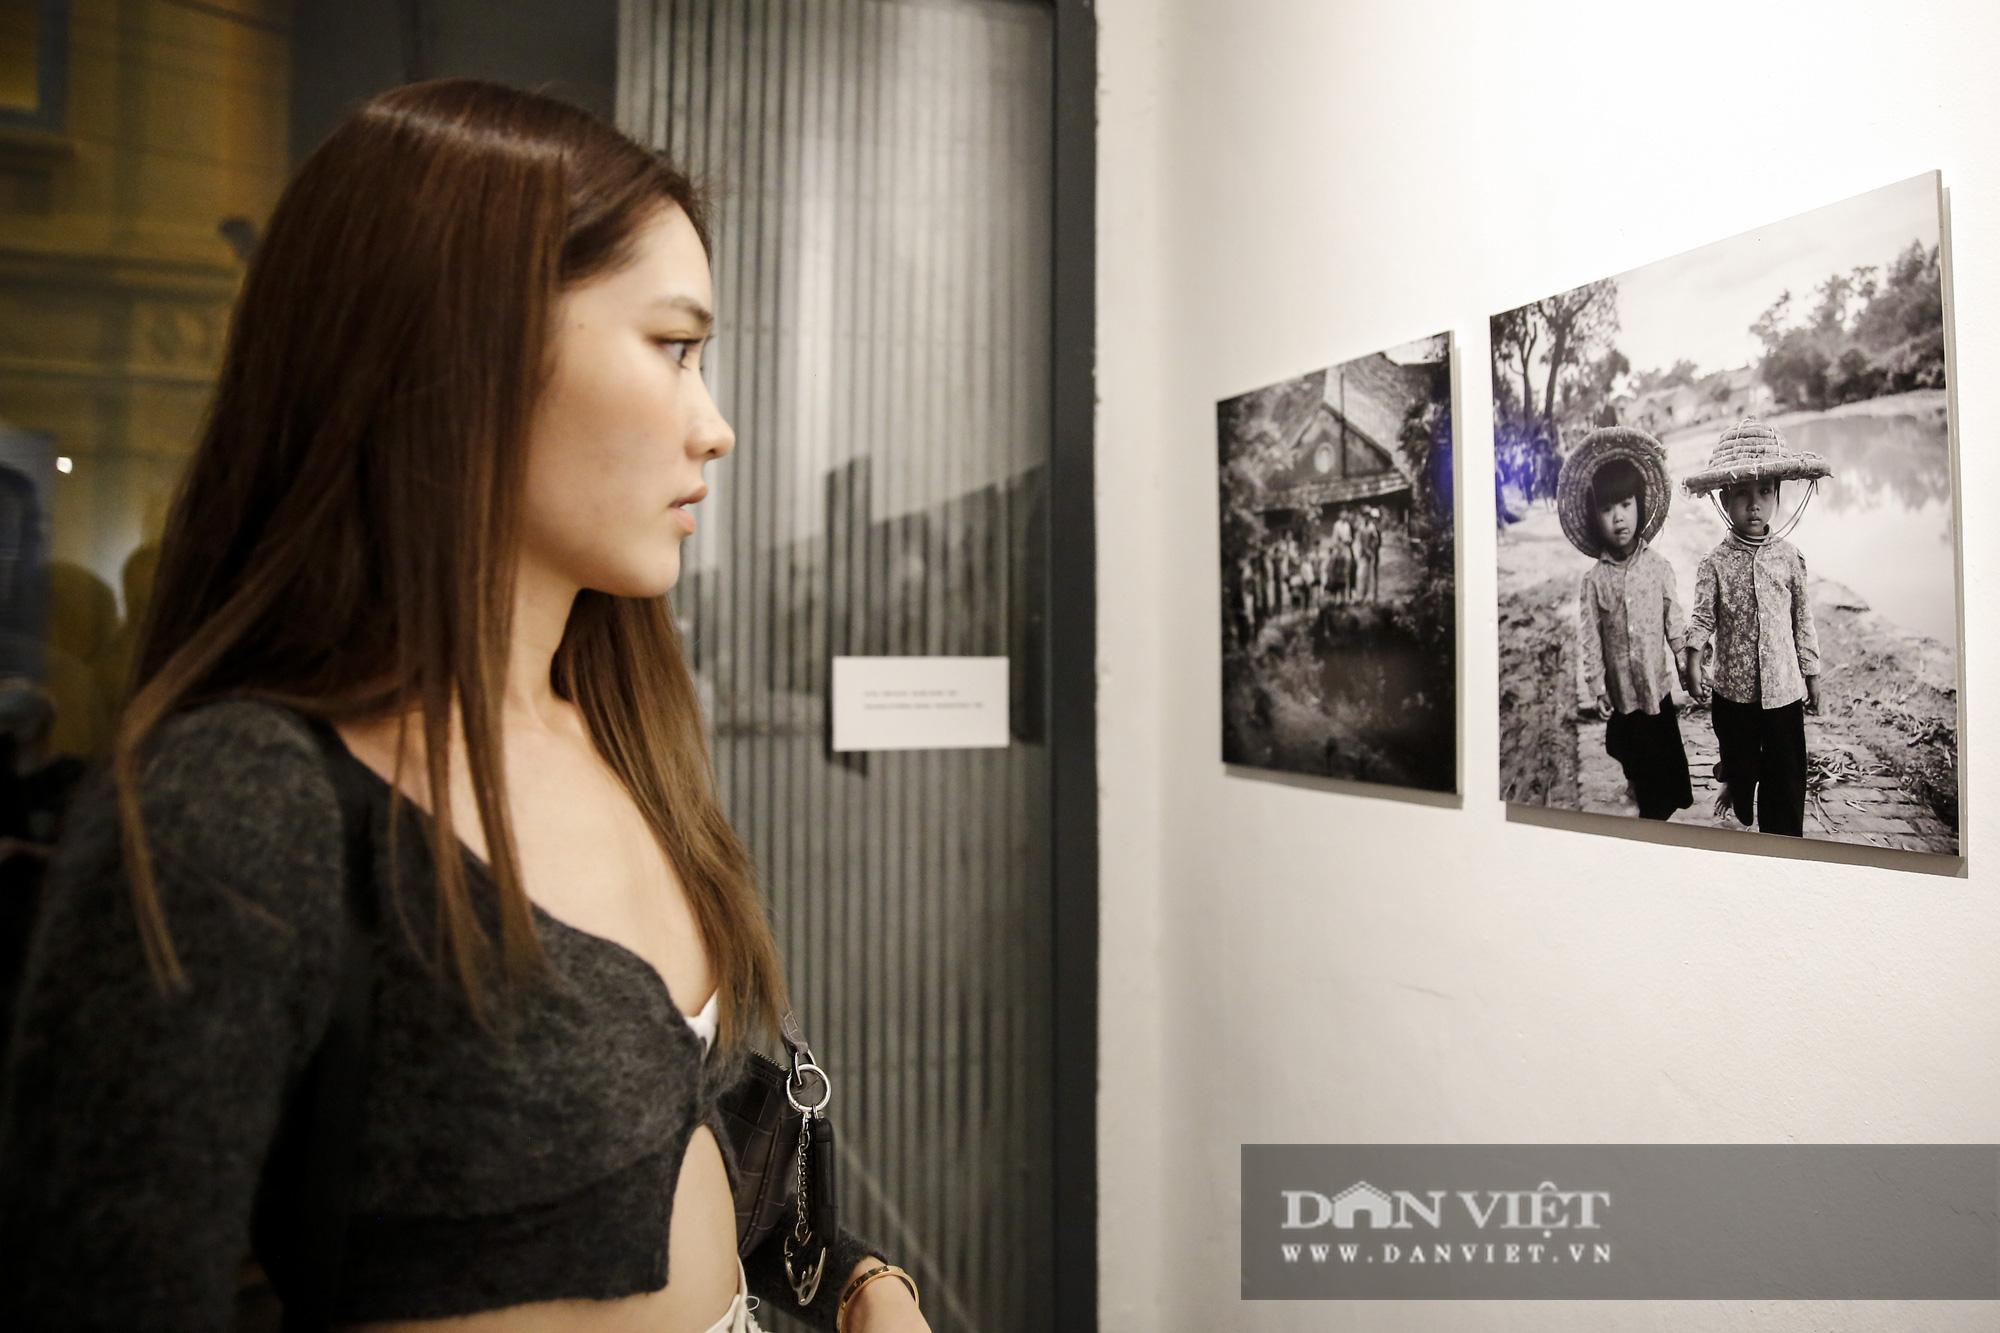 Đại sứ Đức tại Việt Nam tham dự triển lãm ảnh đặc biệt về Hà Nội - Ảnh 9.